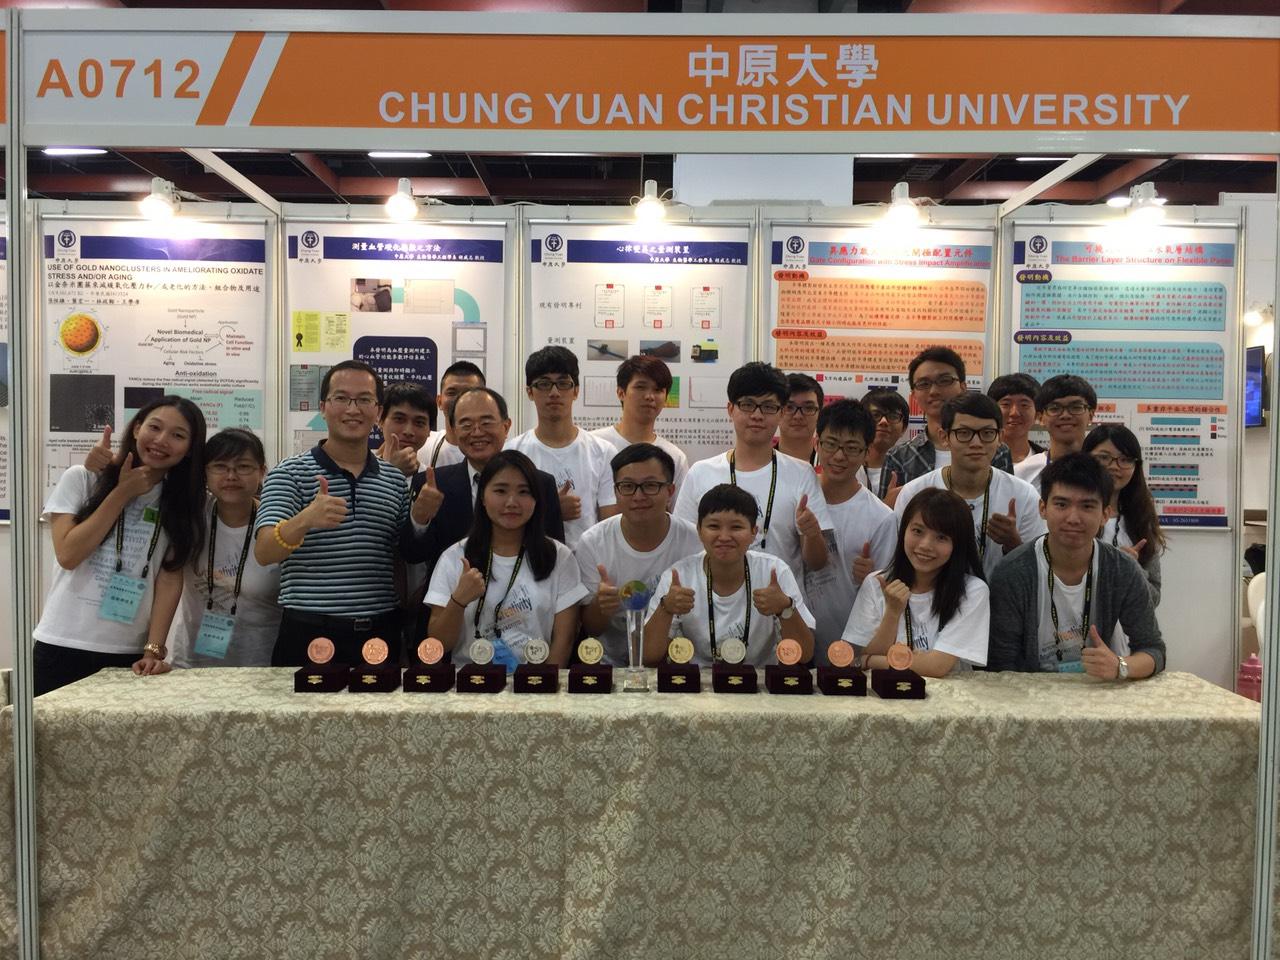 台北國際發明展 中原大學榮獲12面獎牌